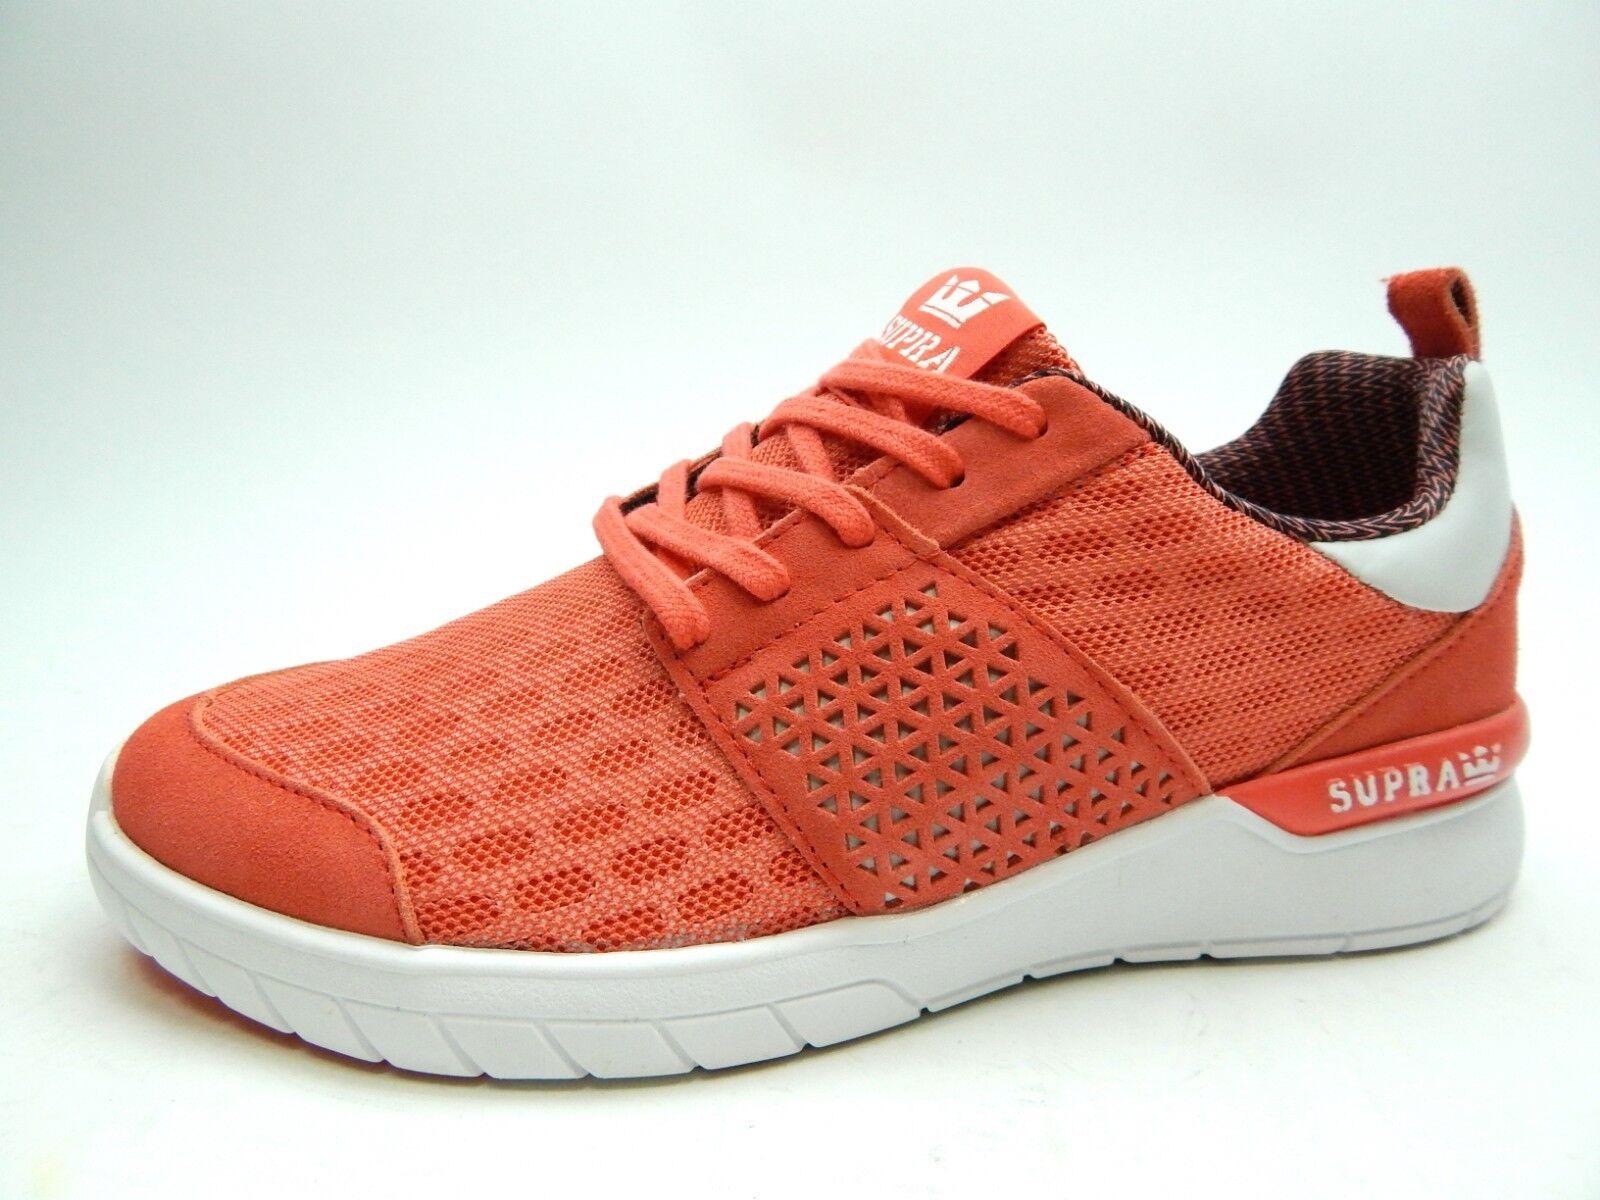 SUPRA SCISSOR Women shoes Coral White 98027-639-M